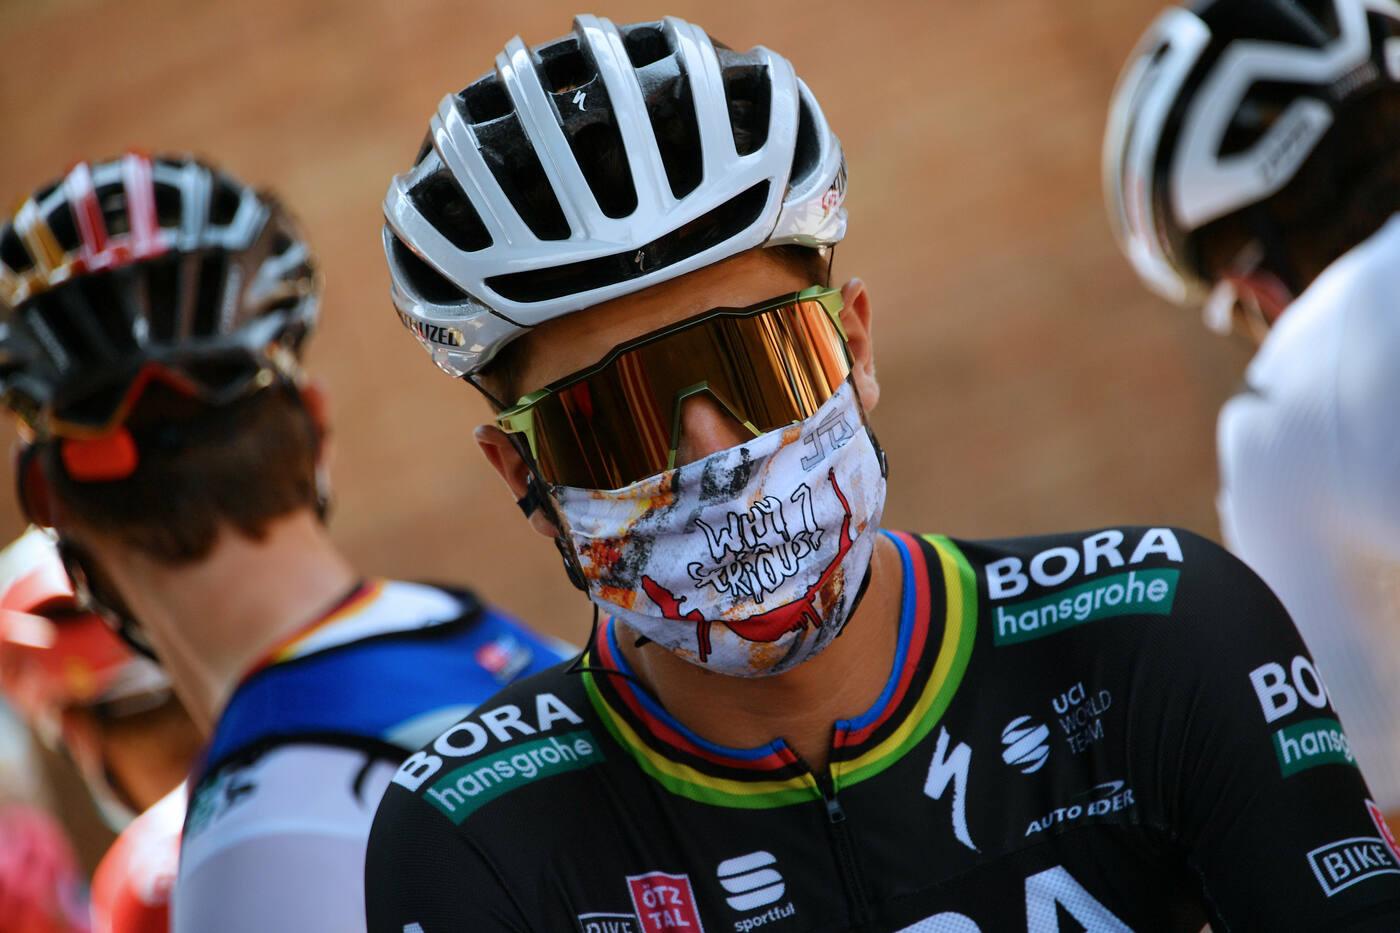 ciclismo-ancora-tante-cancellazioni-e-incertezze-per-la-stagione-2021